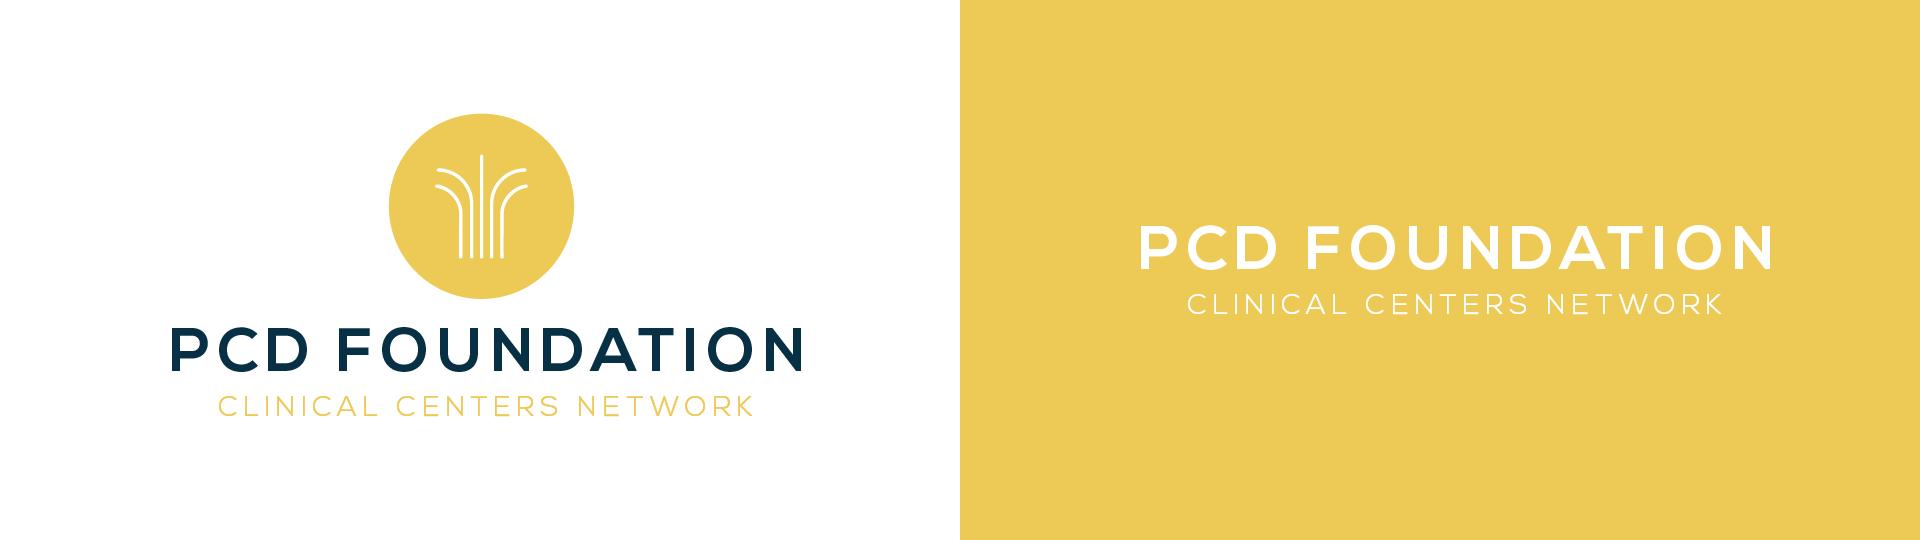 pcdf_port-03.png